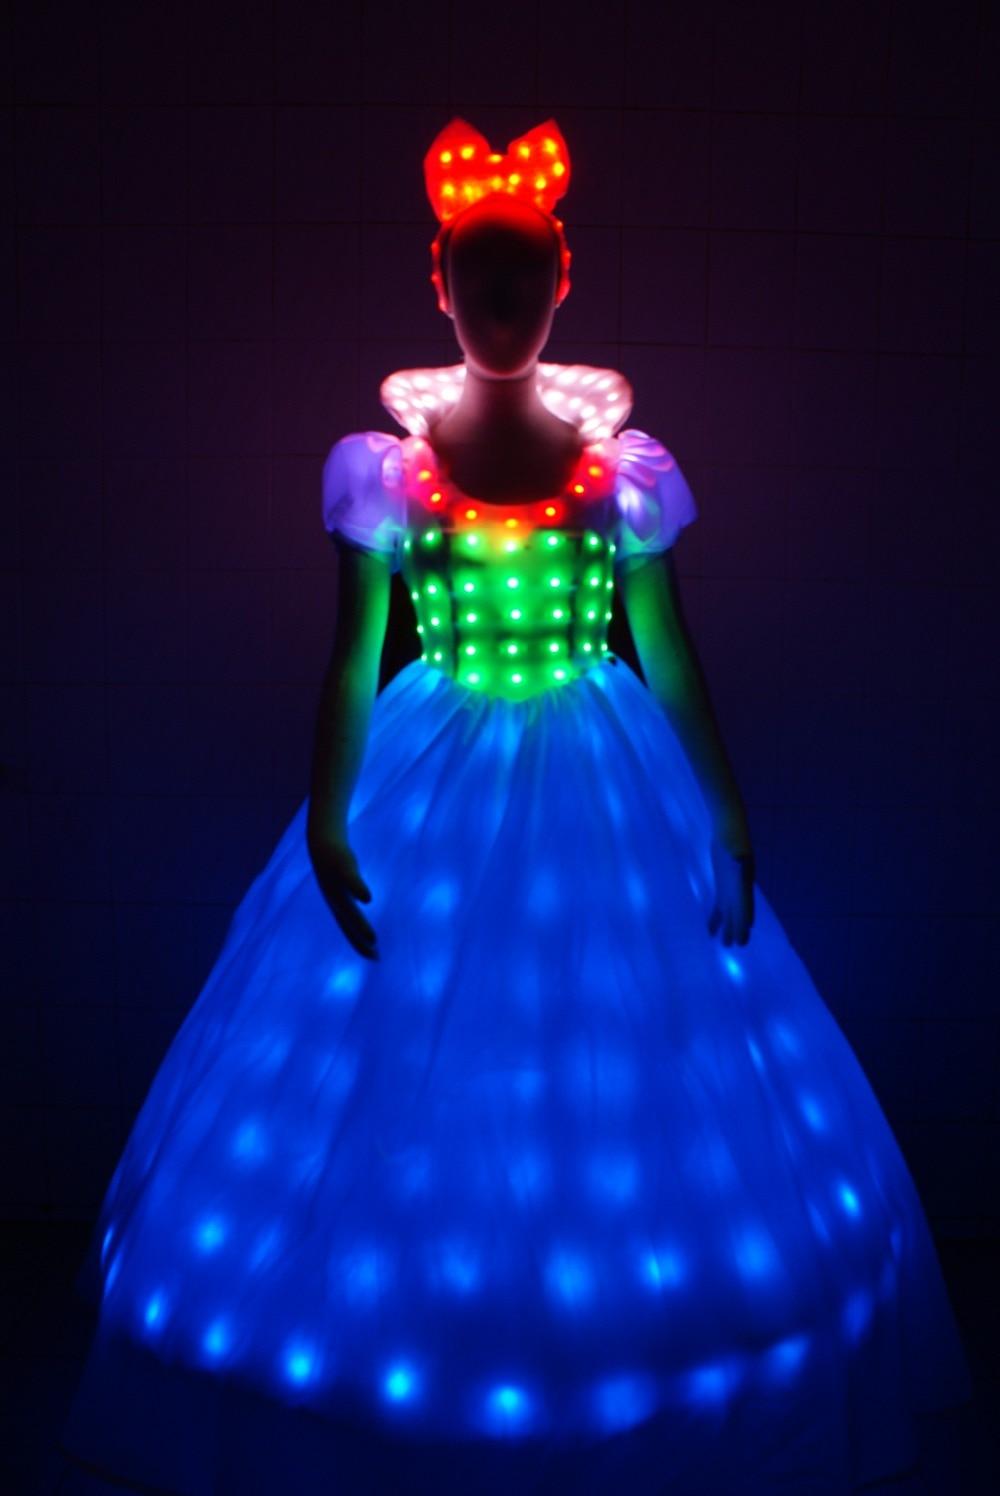 Σκηνή LED Φωσφορίζον κοστούμι - Προϊόντα για τις διακοπές και τα κόμματα - Φωτογραφία 1